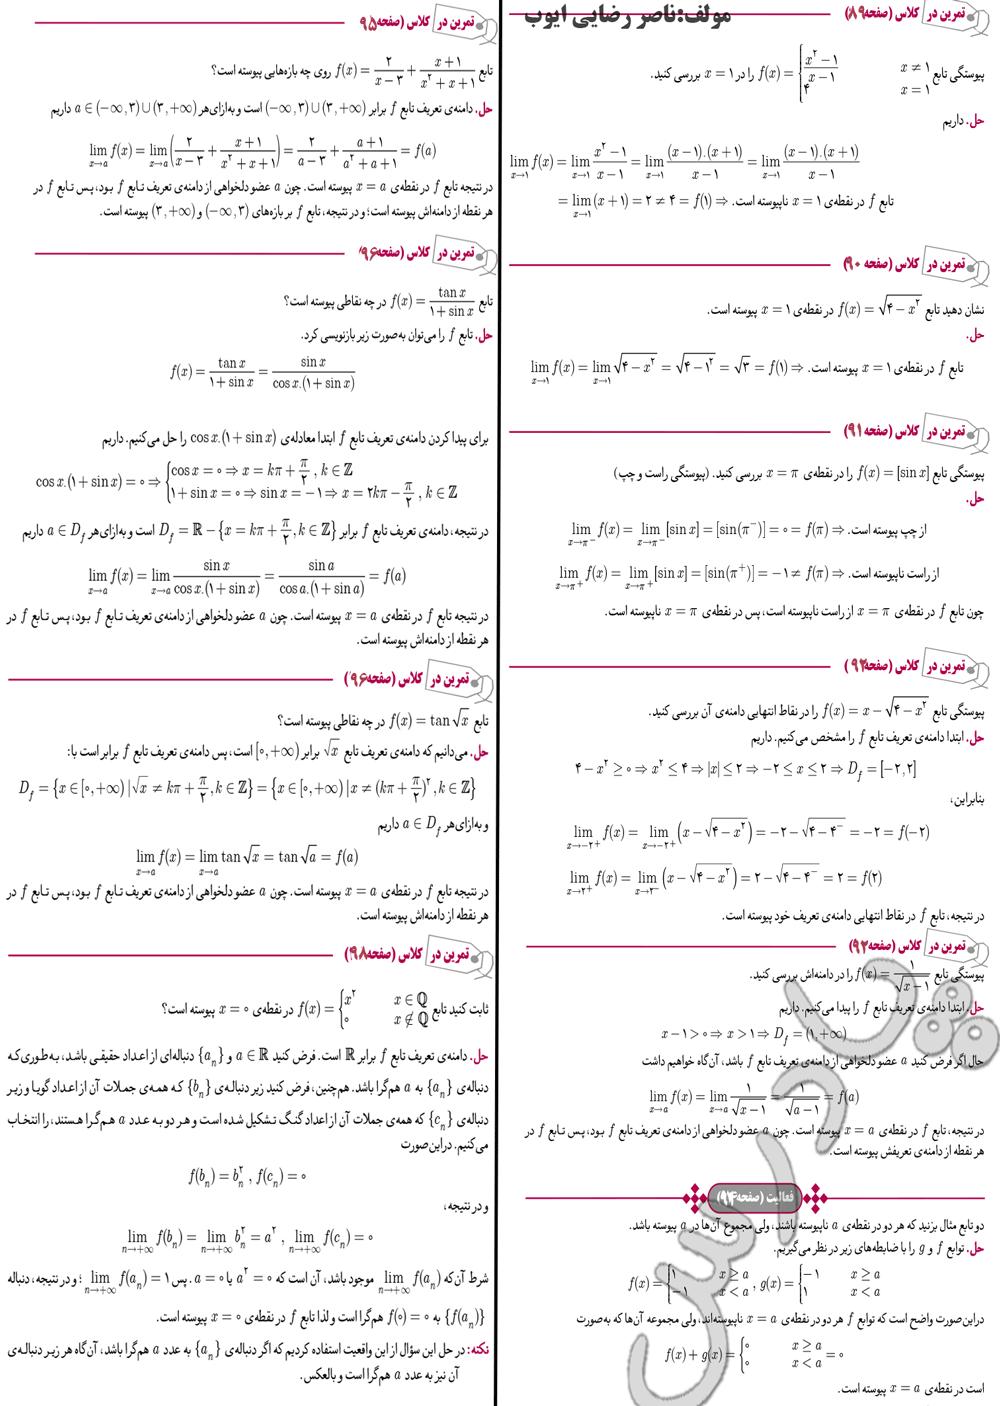 حل تمرین در کلاس صفحه 89 تا 98 دیفرانسیل پیش دانشگاهی